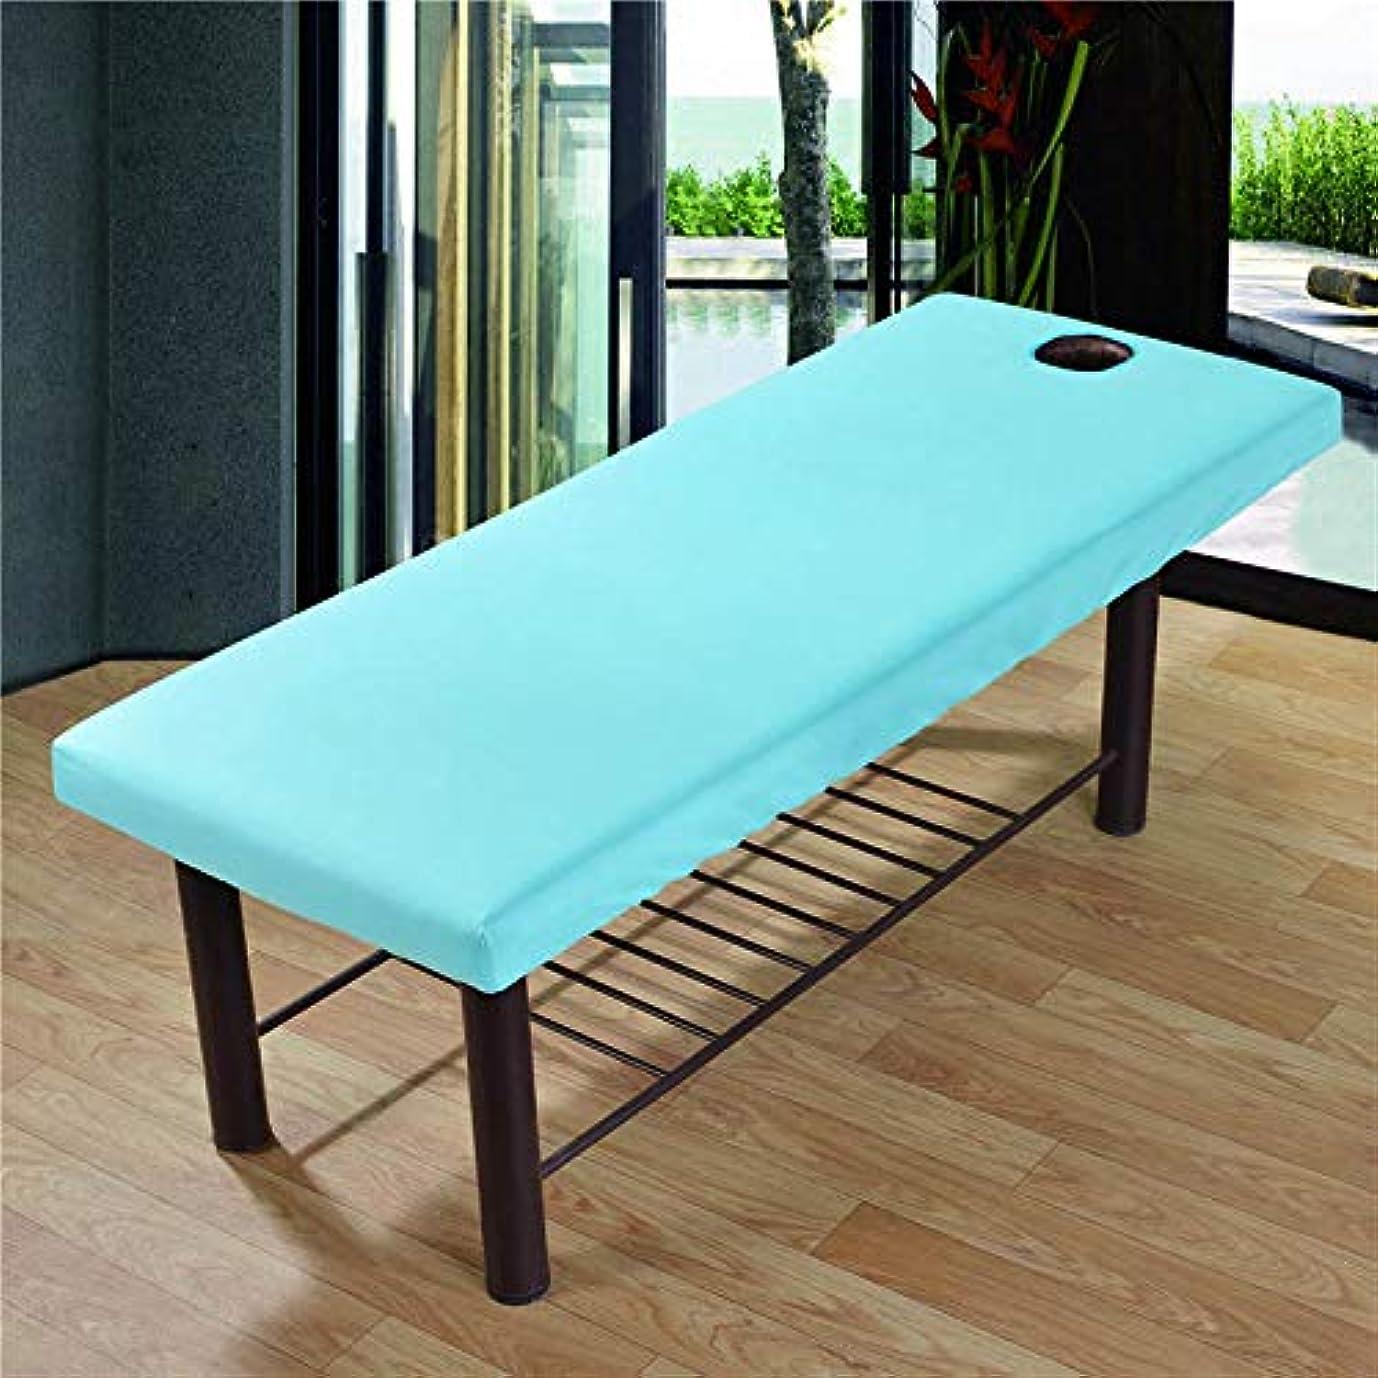 鉛作成者文房具Profeel 美容院のマッサージ療法のベッドのための柔らかいSoliod色の長方形のマットレス